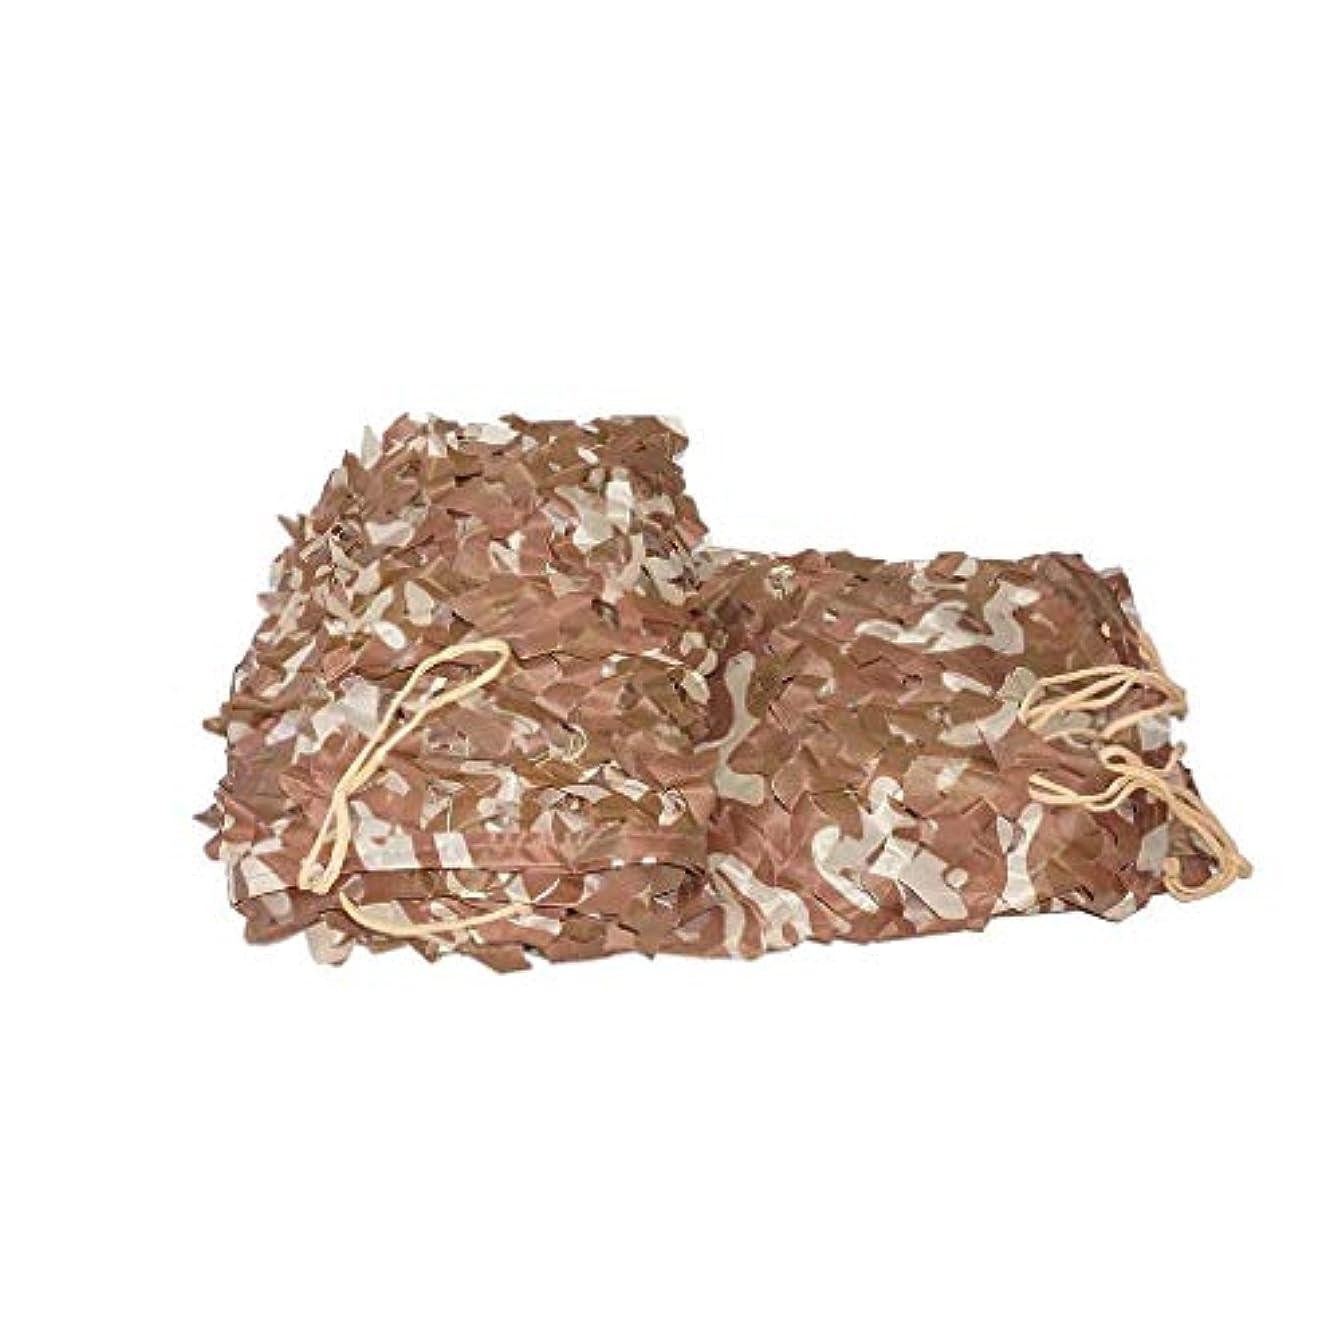 パスタクライマックス霧深いオックスフォード布カモフラージュネット/カモフラージュカバーハンティングキャンプに適して隠す (サイズ さいず : 3 * 3m)